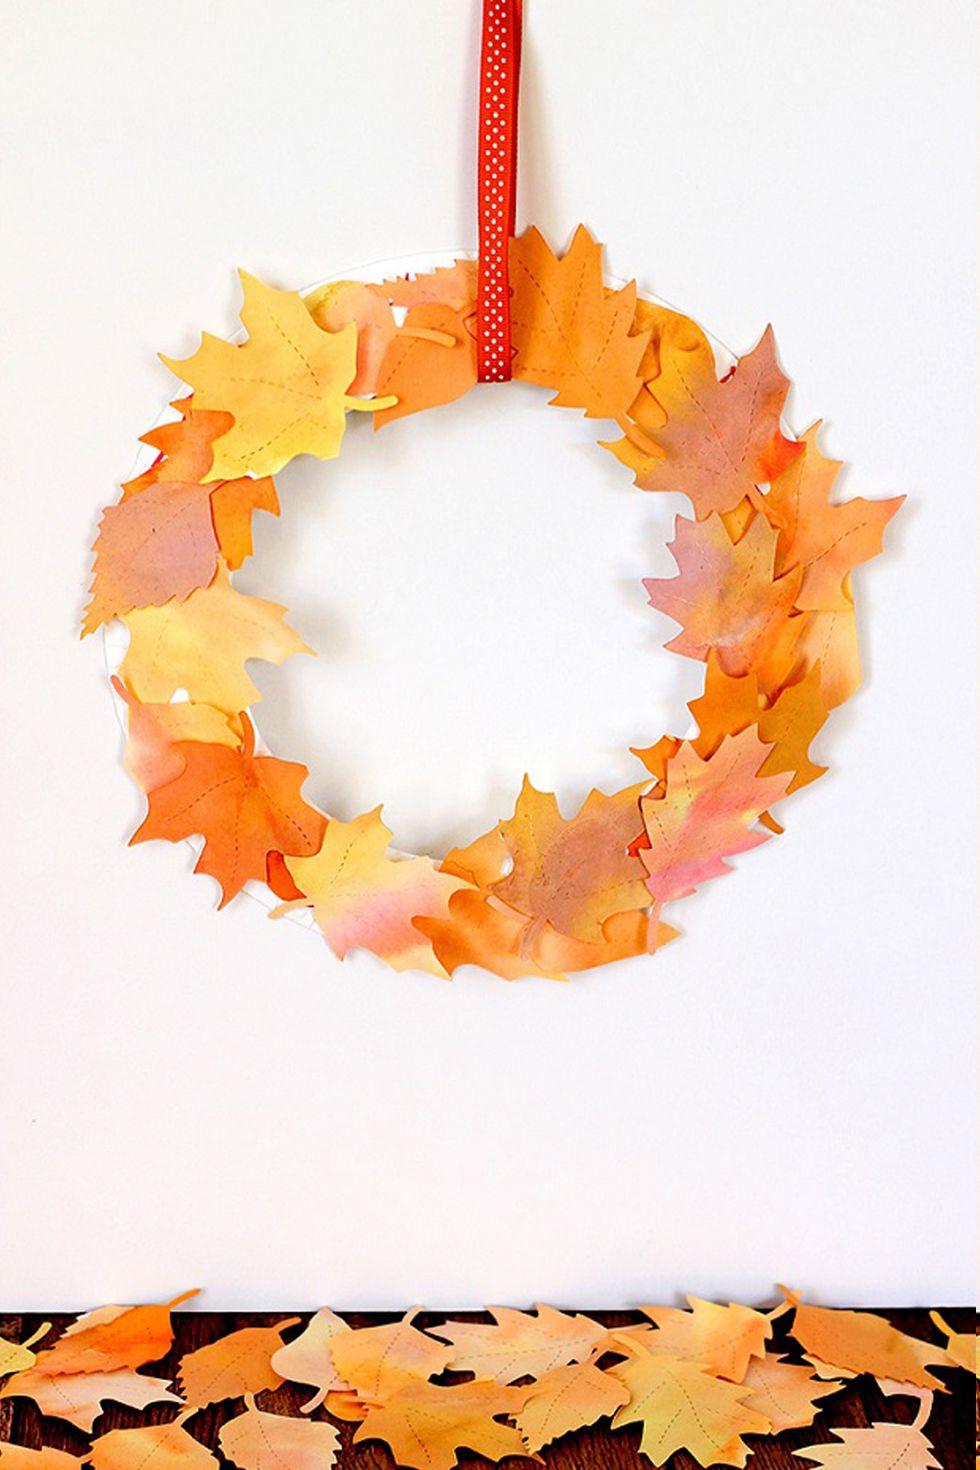 Basteln mit Kindern Herbst: Herbst Kranz mit Laub